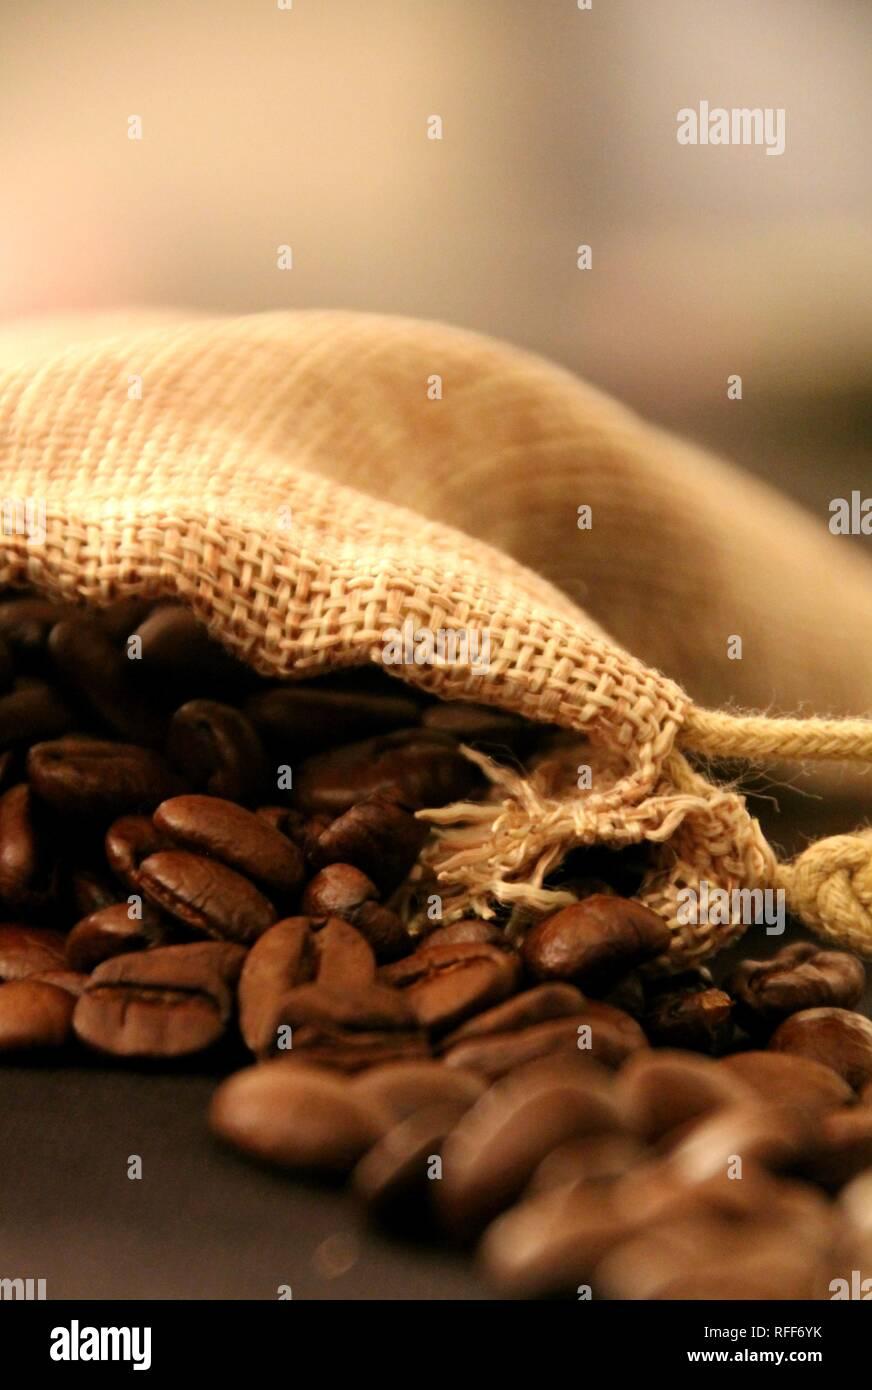 Grain de café naturel a moudre dans son emballage. Pour se tenir chaud l'hiver - Stock Image